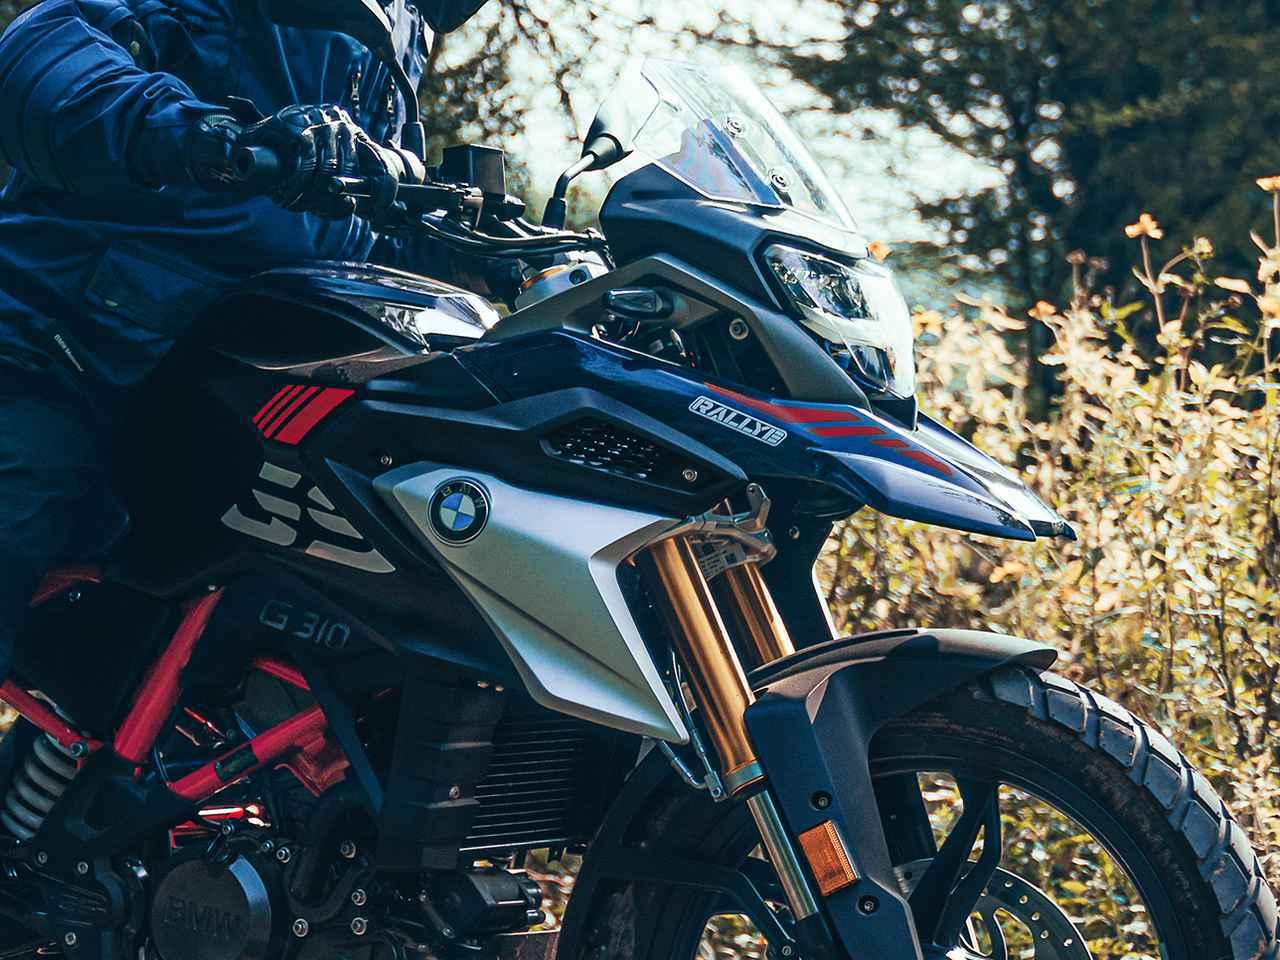 画像: BMW新型「G310GS」が日本でも発売! - webオートバイ